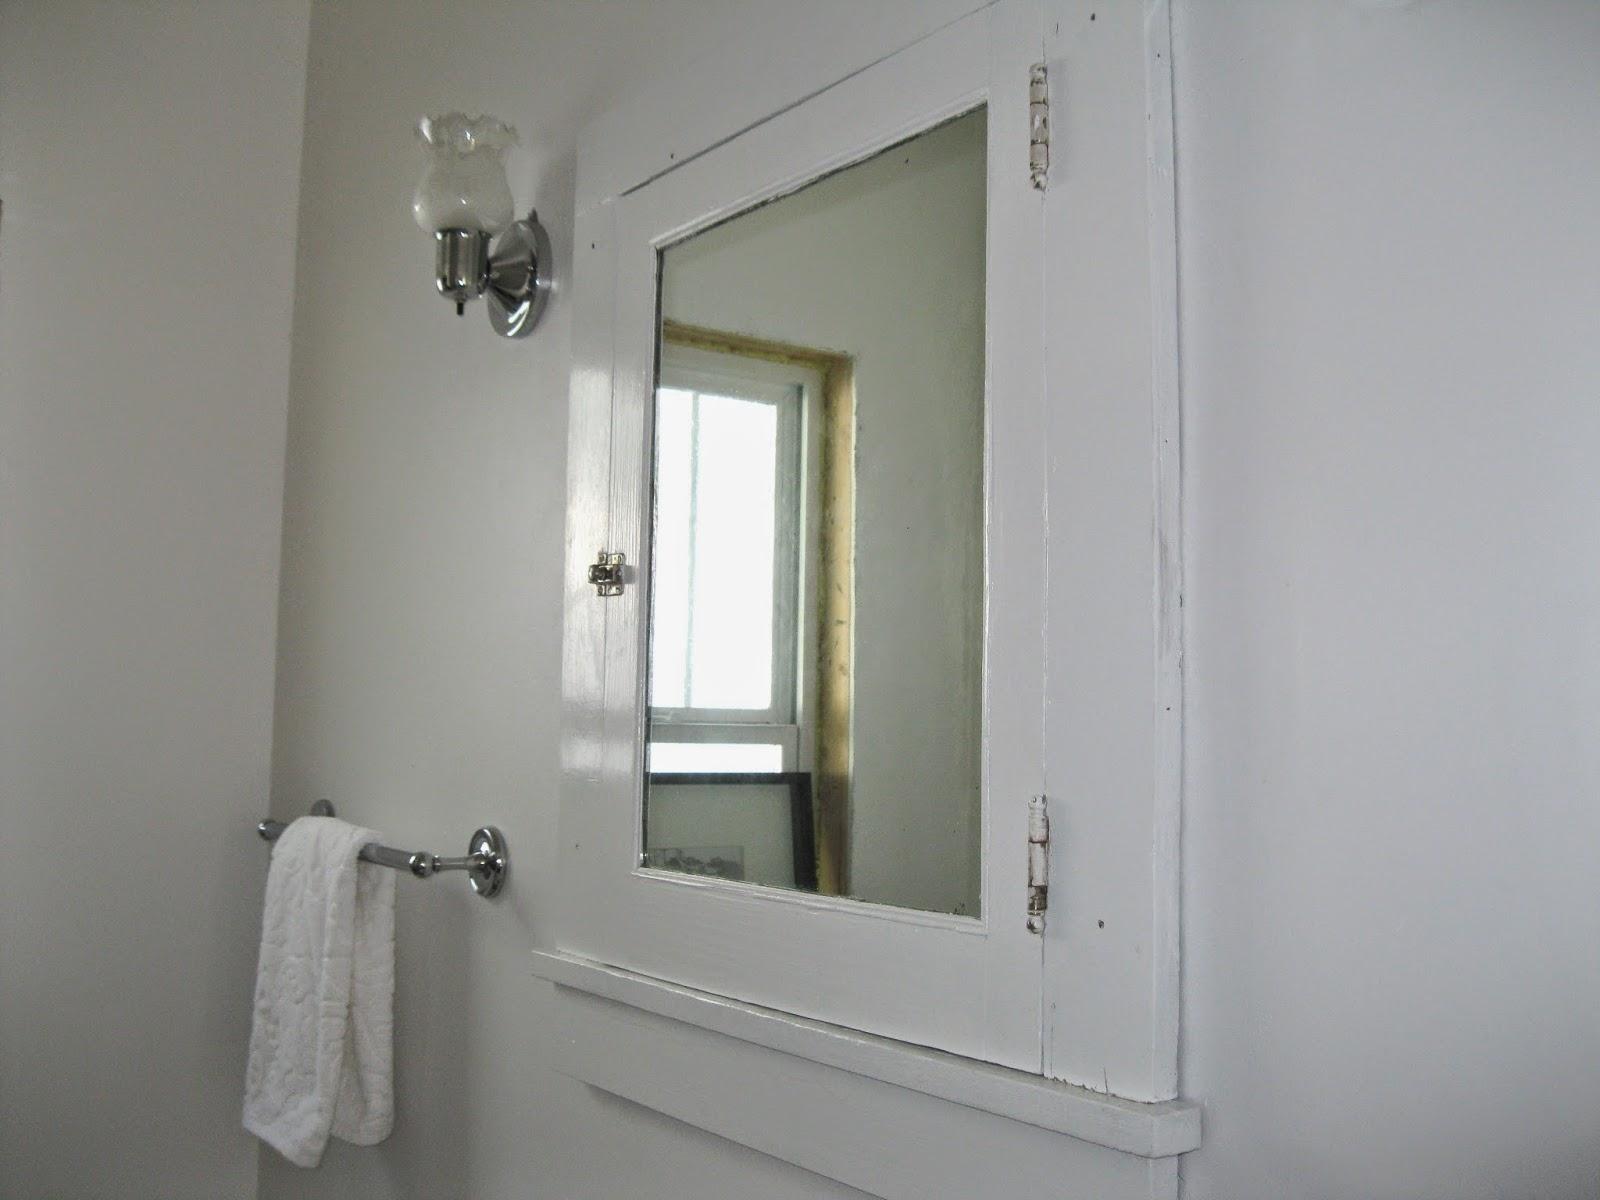 Apron History Bathroom Medicine Cabinet